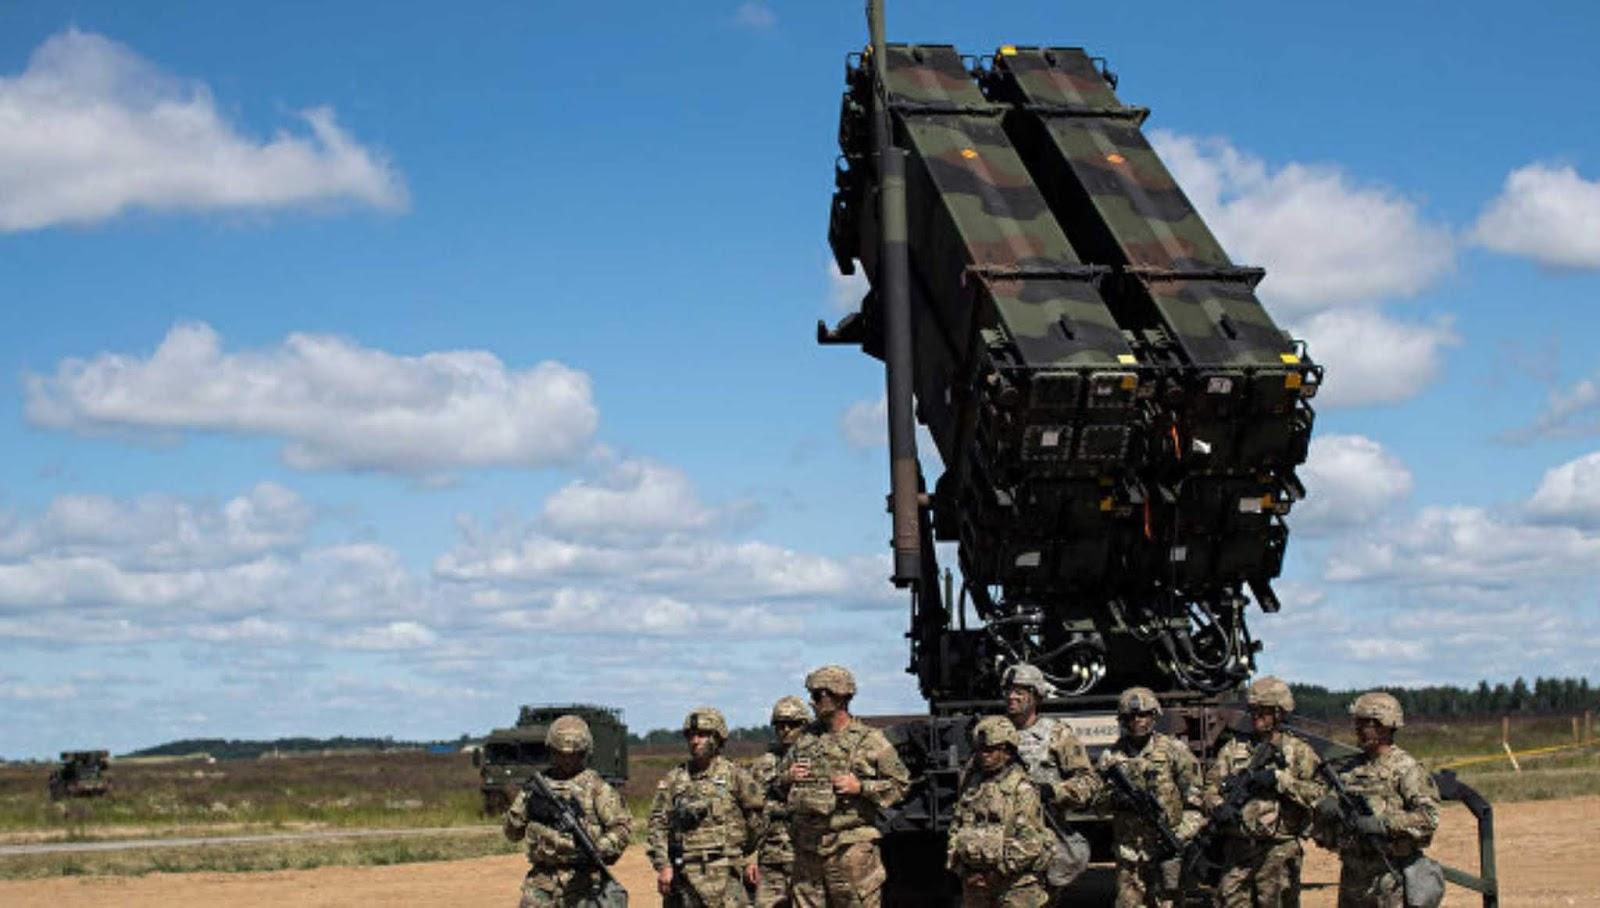 Amerika Serikat menyetujui integrasi rudal Patriot PAC-3 ke pertahanan udara Jerman di masa depan